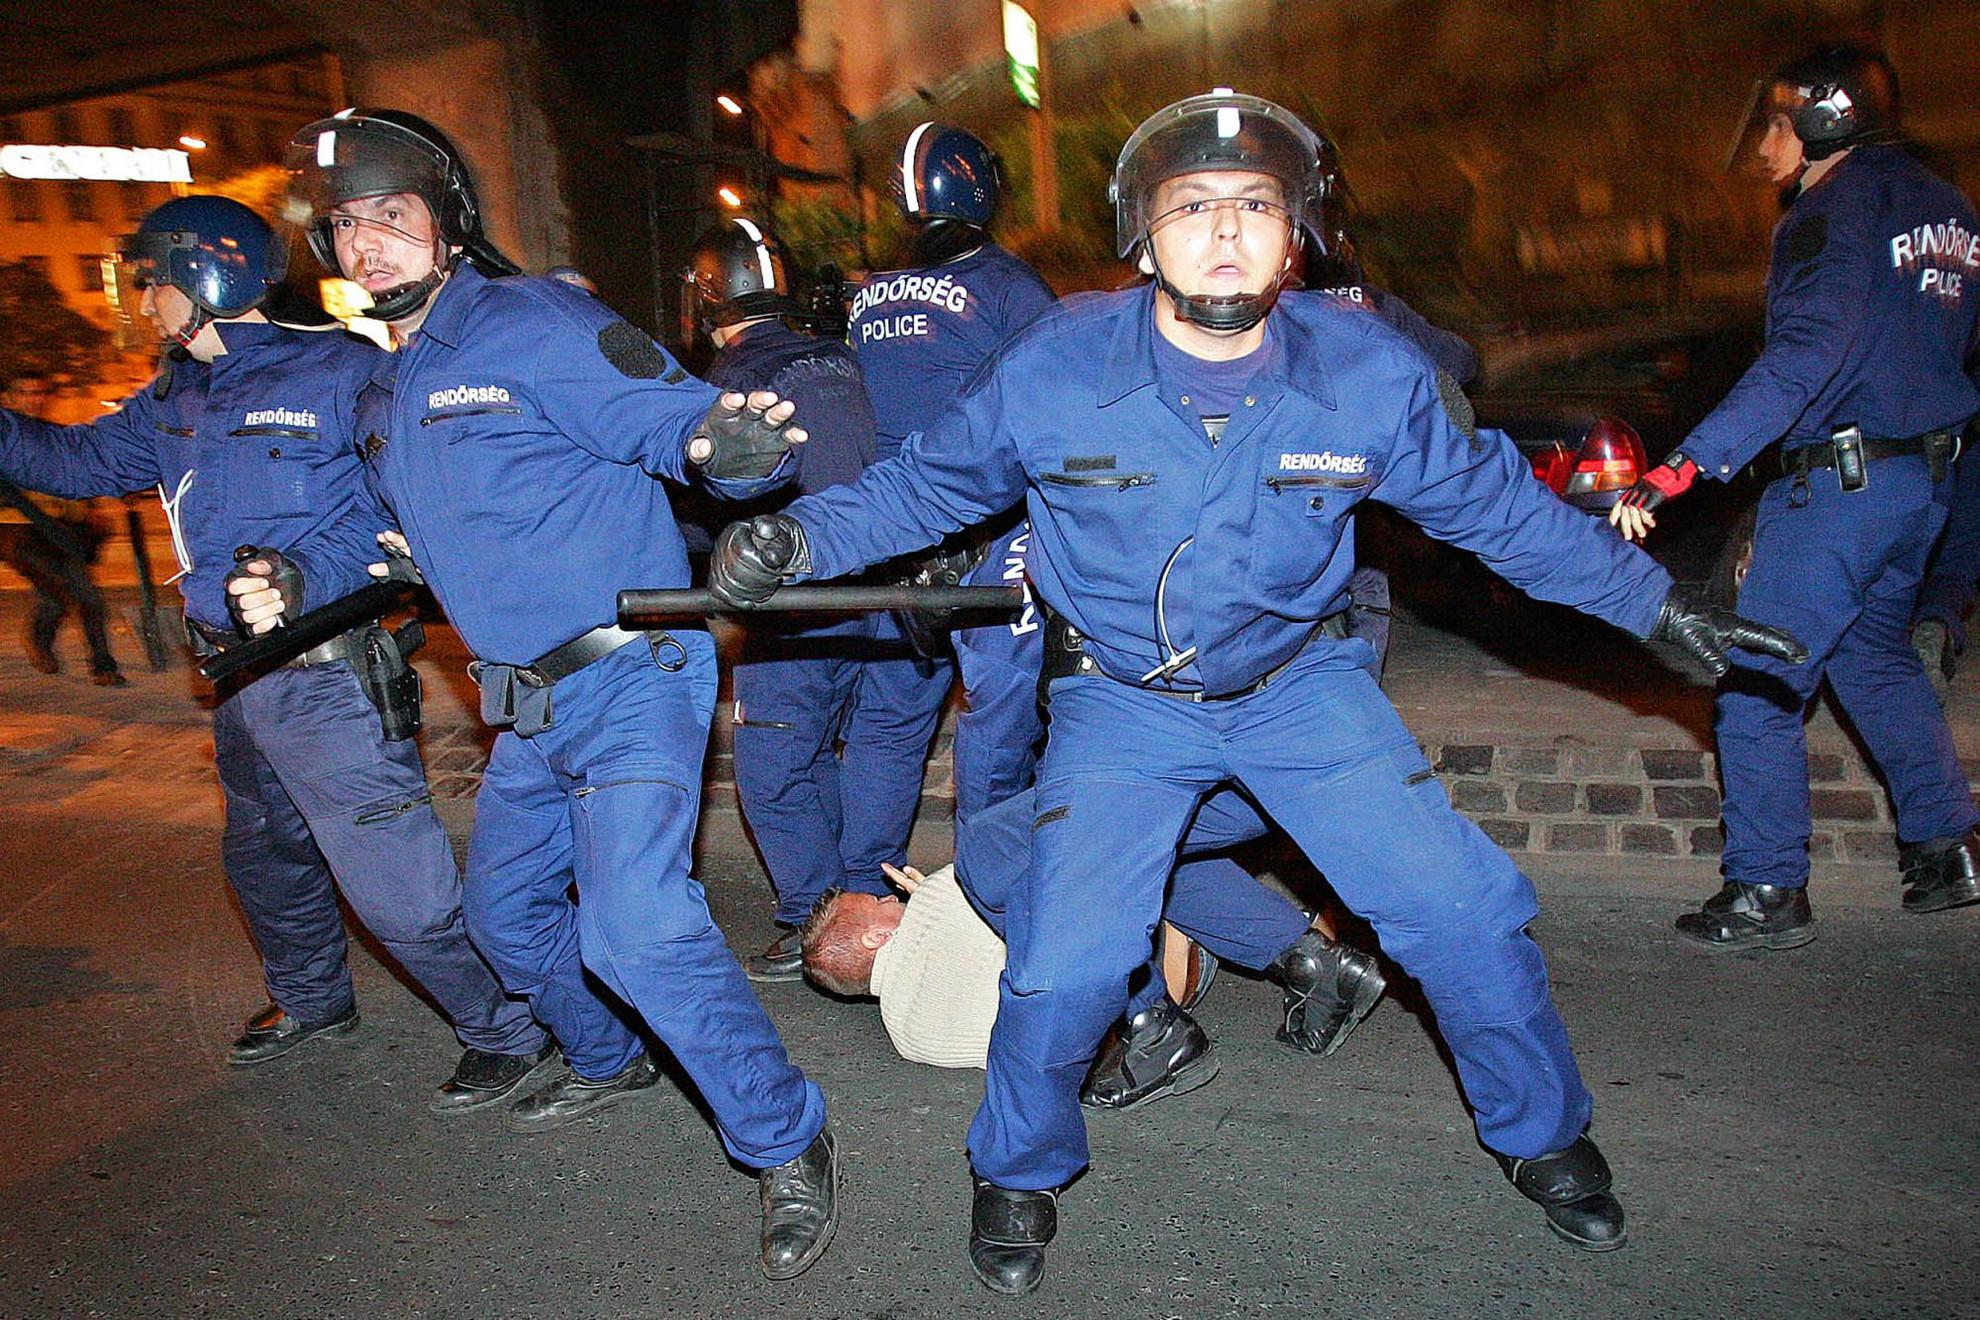 A beszéd nyomán kirobbant tüntetéseken a rendőrség brutálisan rátámadt a demonstrálókra